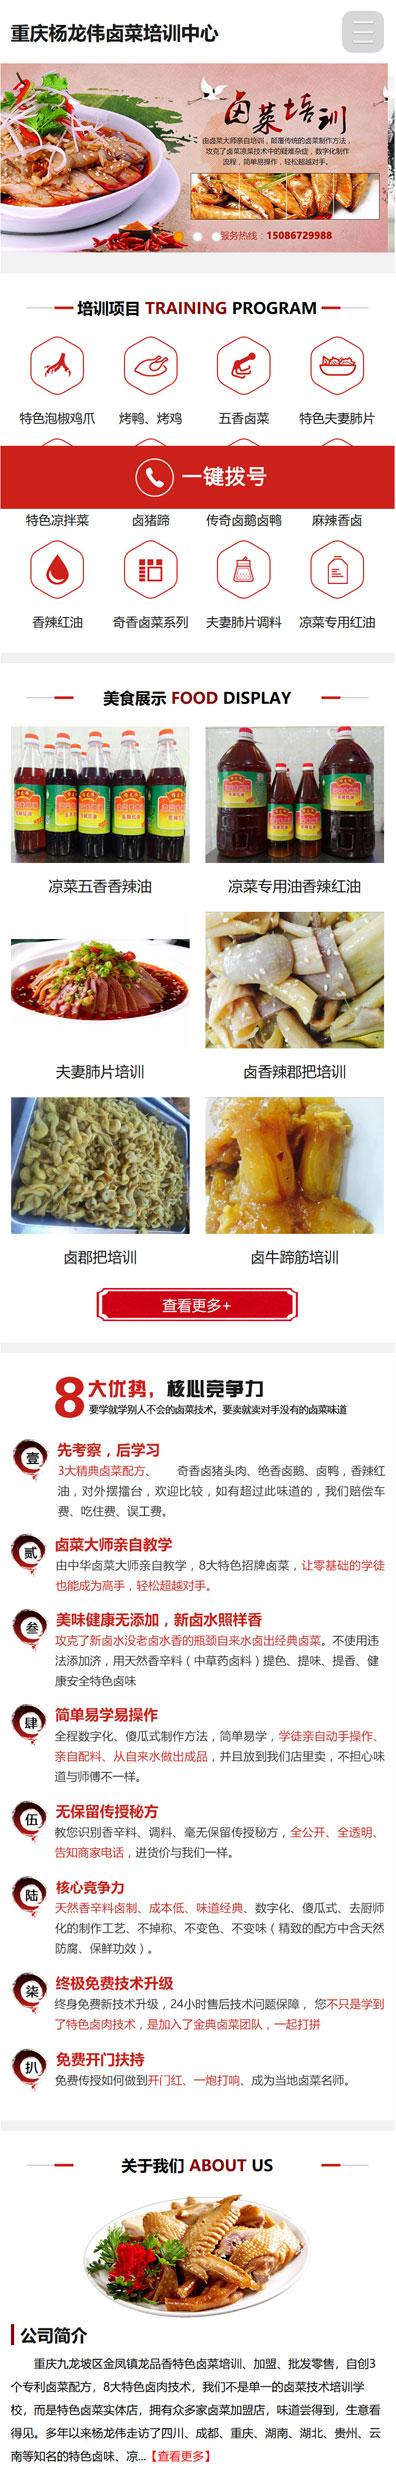 杨龙伟专业卤菜培训